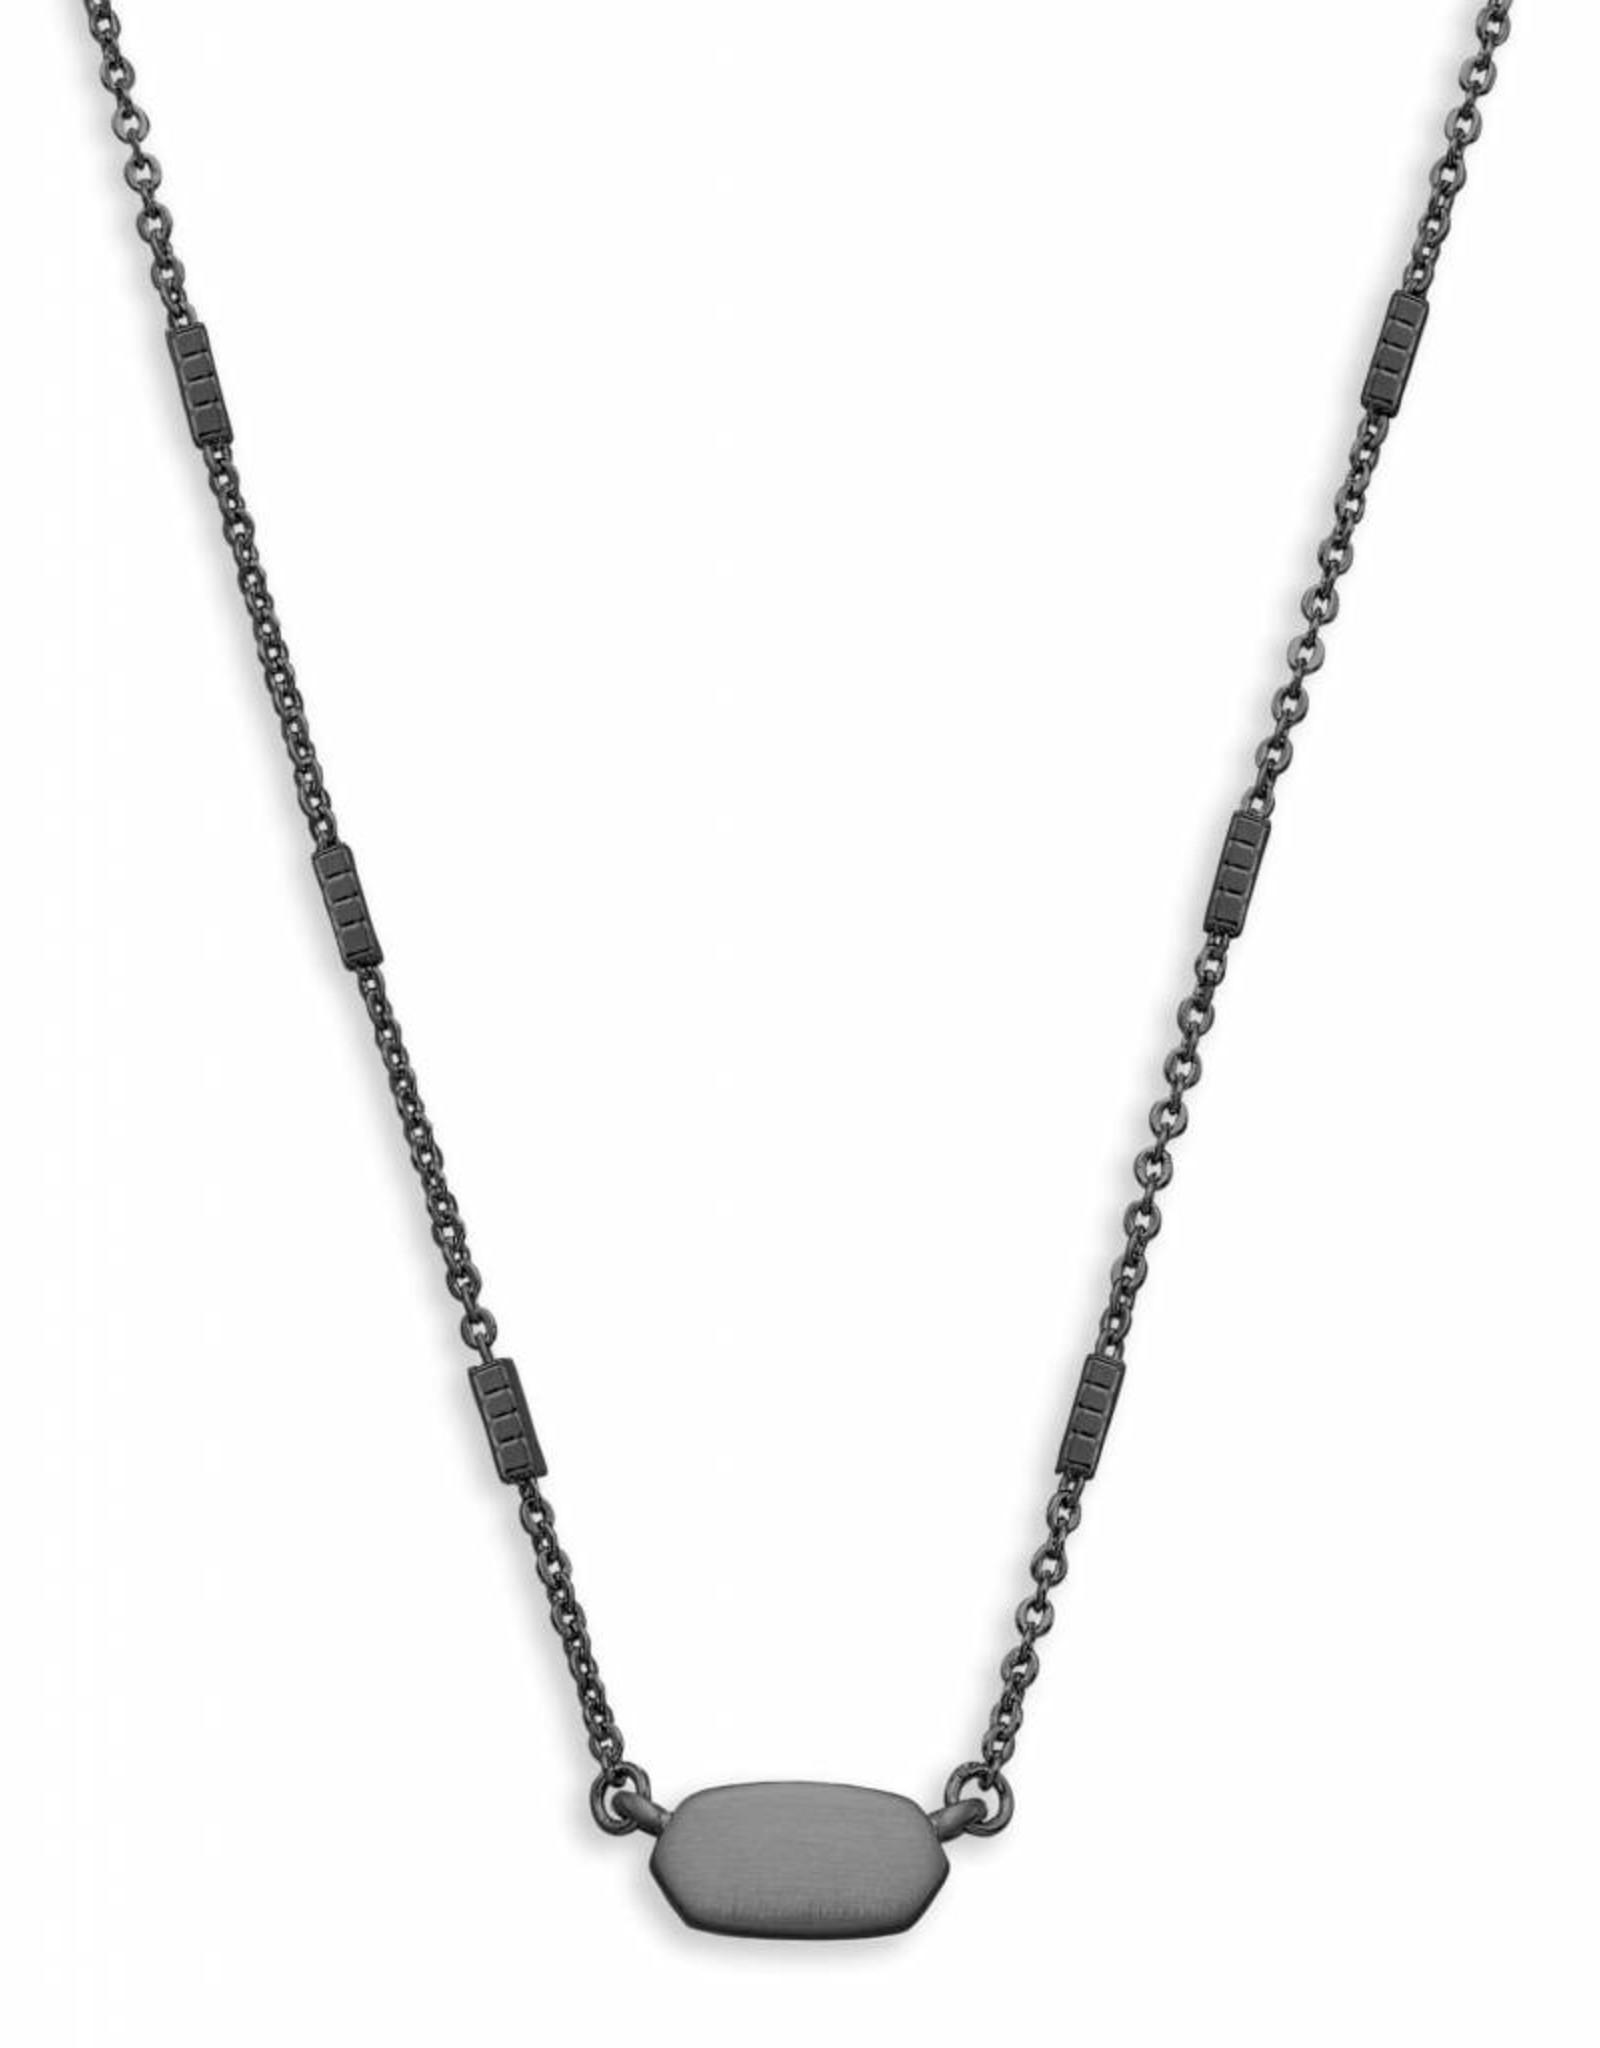 Kendra Scott KENDRA SCOTT Necklace Fern- Gun Metal